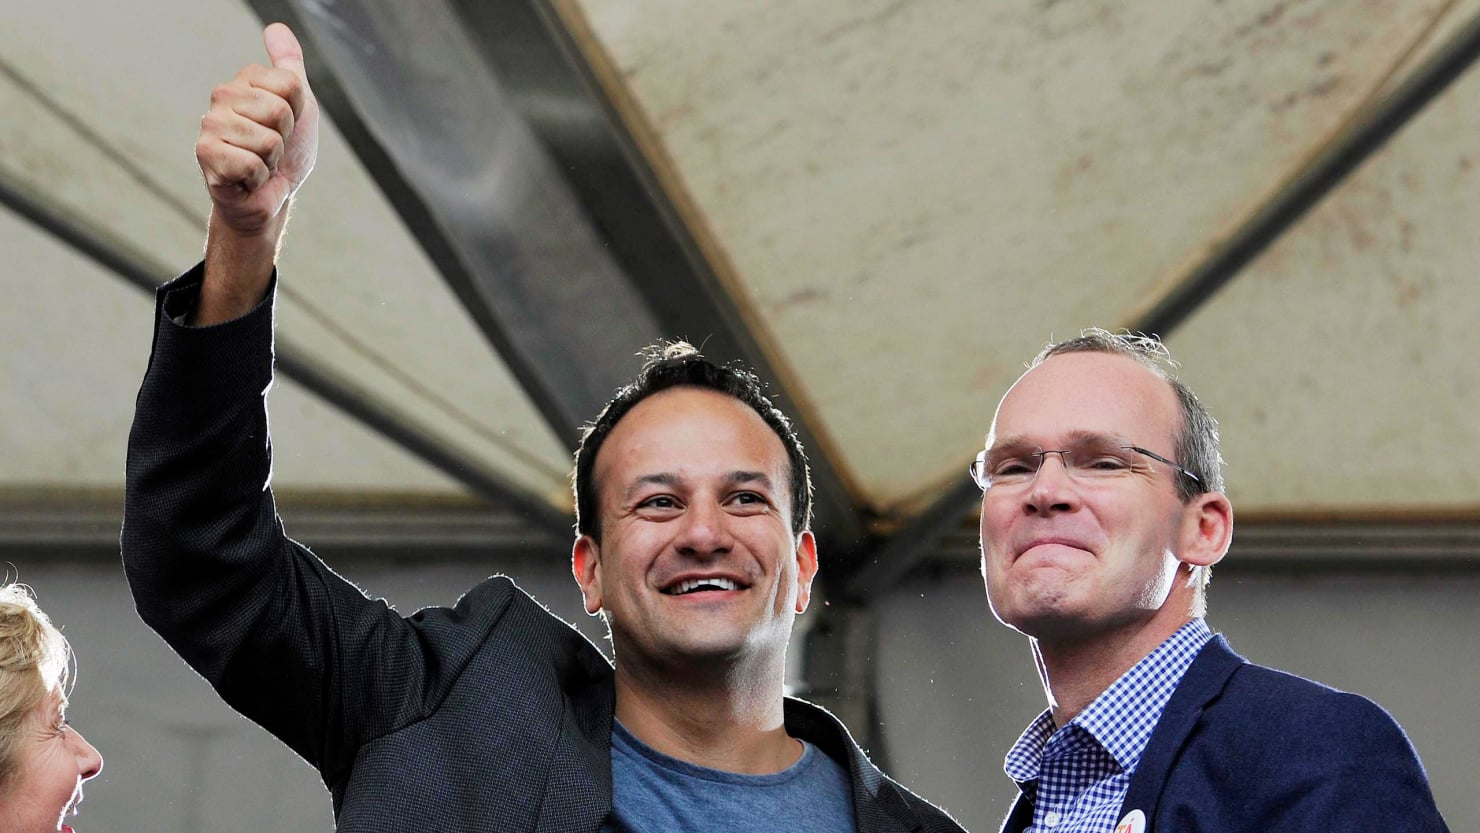 38 Yaşındaki Bakan Avrupa'nın İkinci Açık Eşcinsel Başkanı Olabilir!